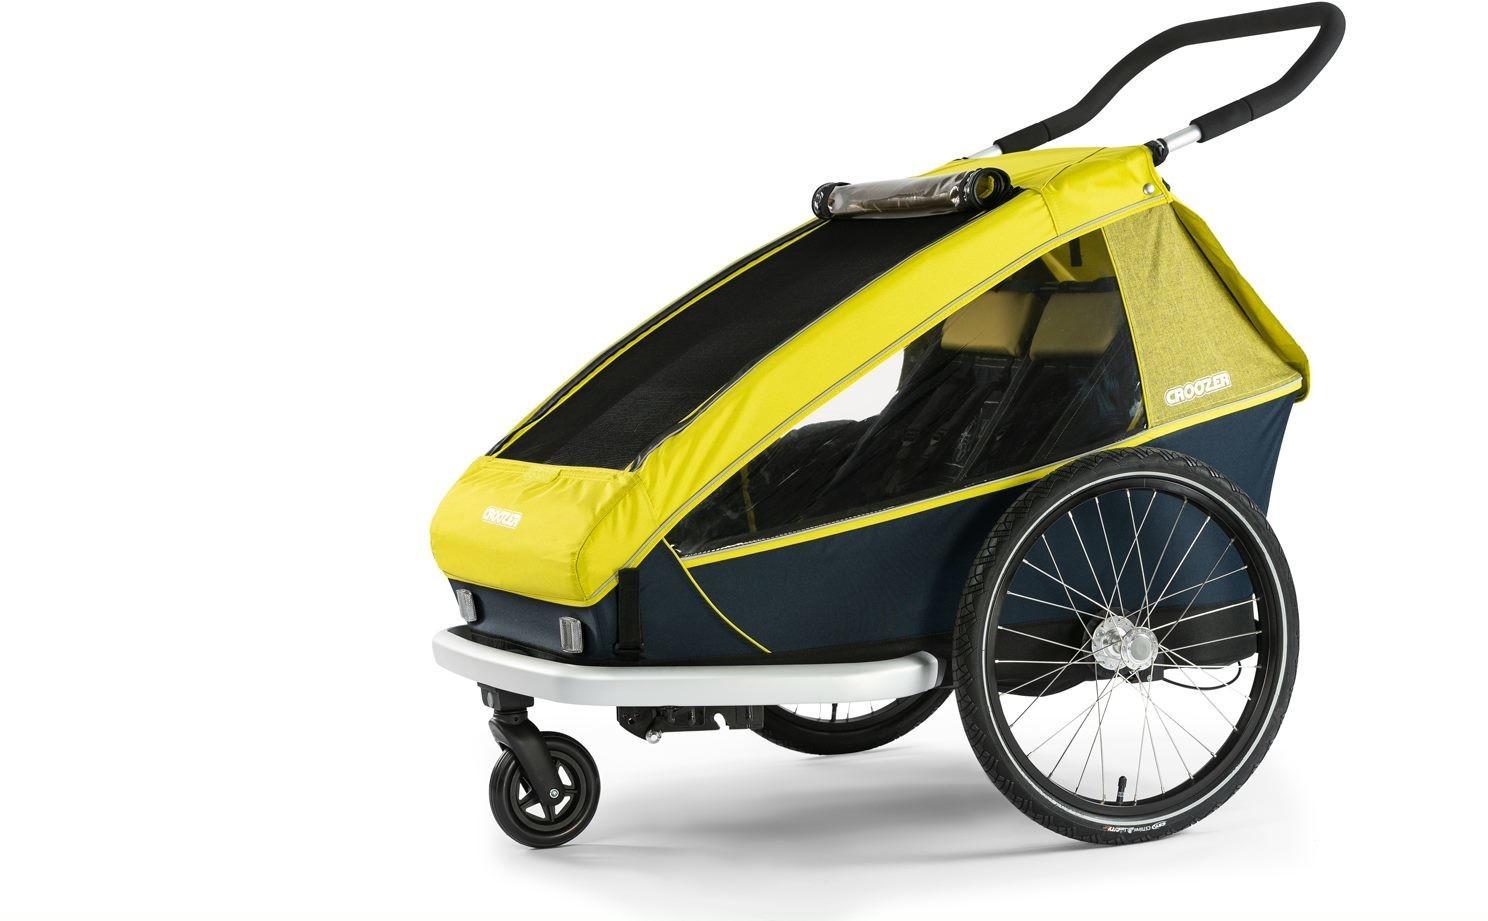 Croozer Kid for 2 2019 lemon green für 574,99€ inkl Versand | Fahrradanhänger, Jogger und Buggy in einem für 2 Kids